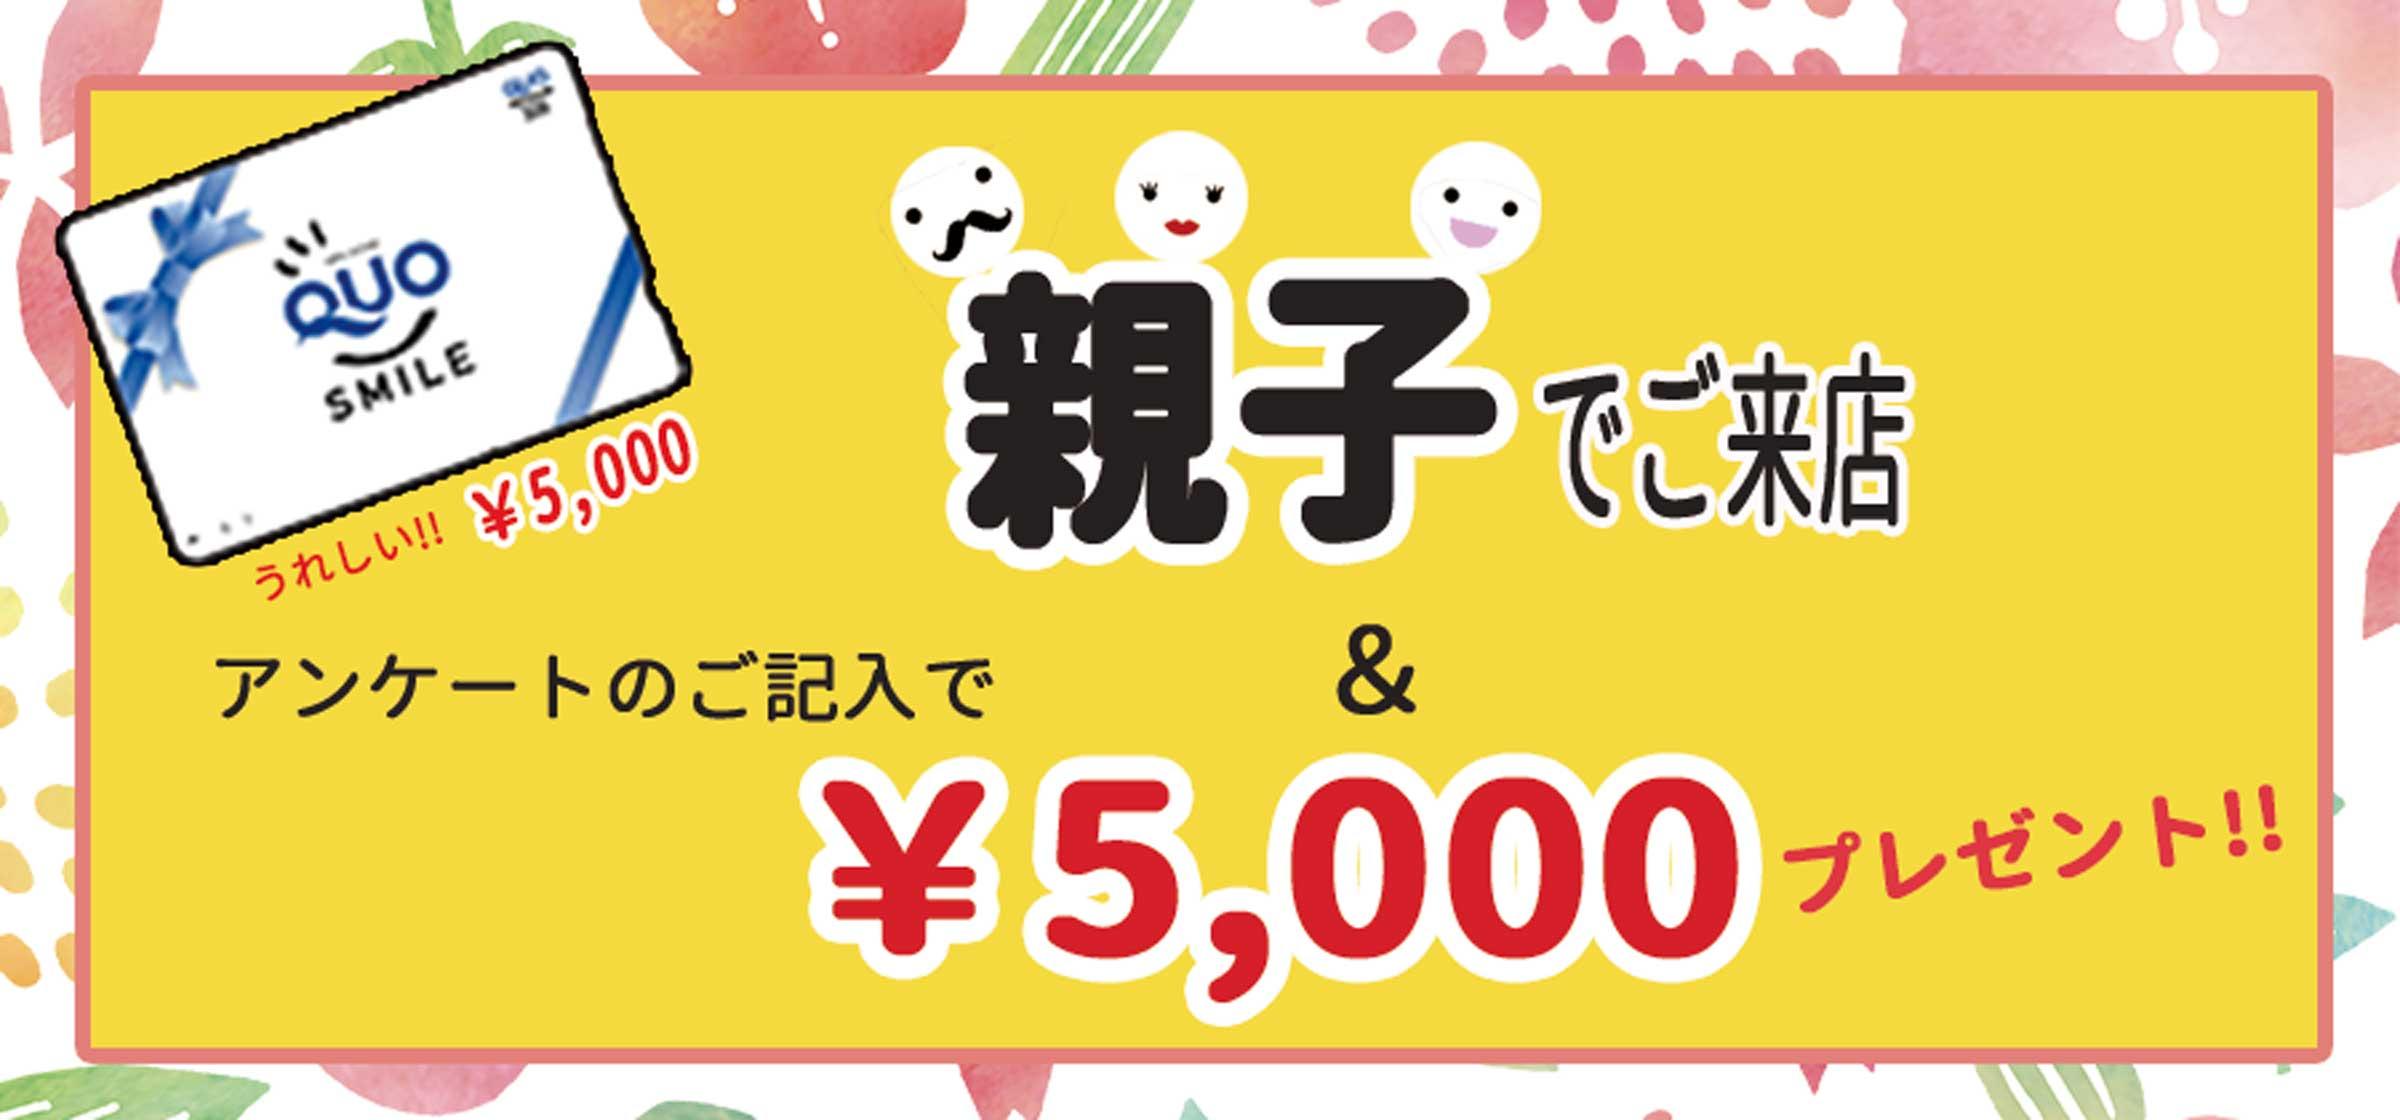 2021/07/01〜2021/07/25まで!親子で相談会ご来店でQUOカード5000円分プレゼント!